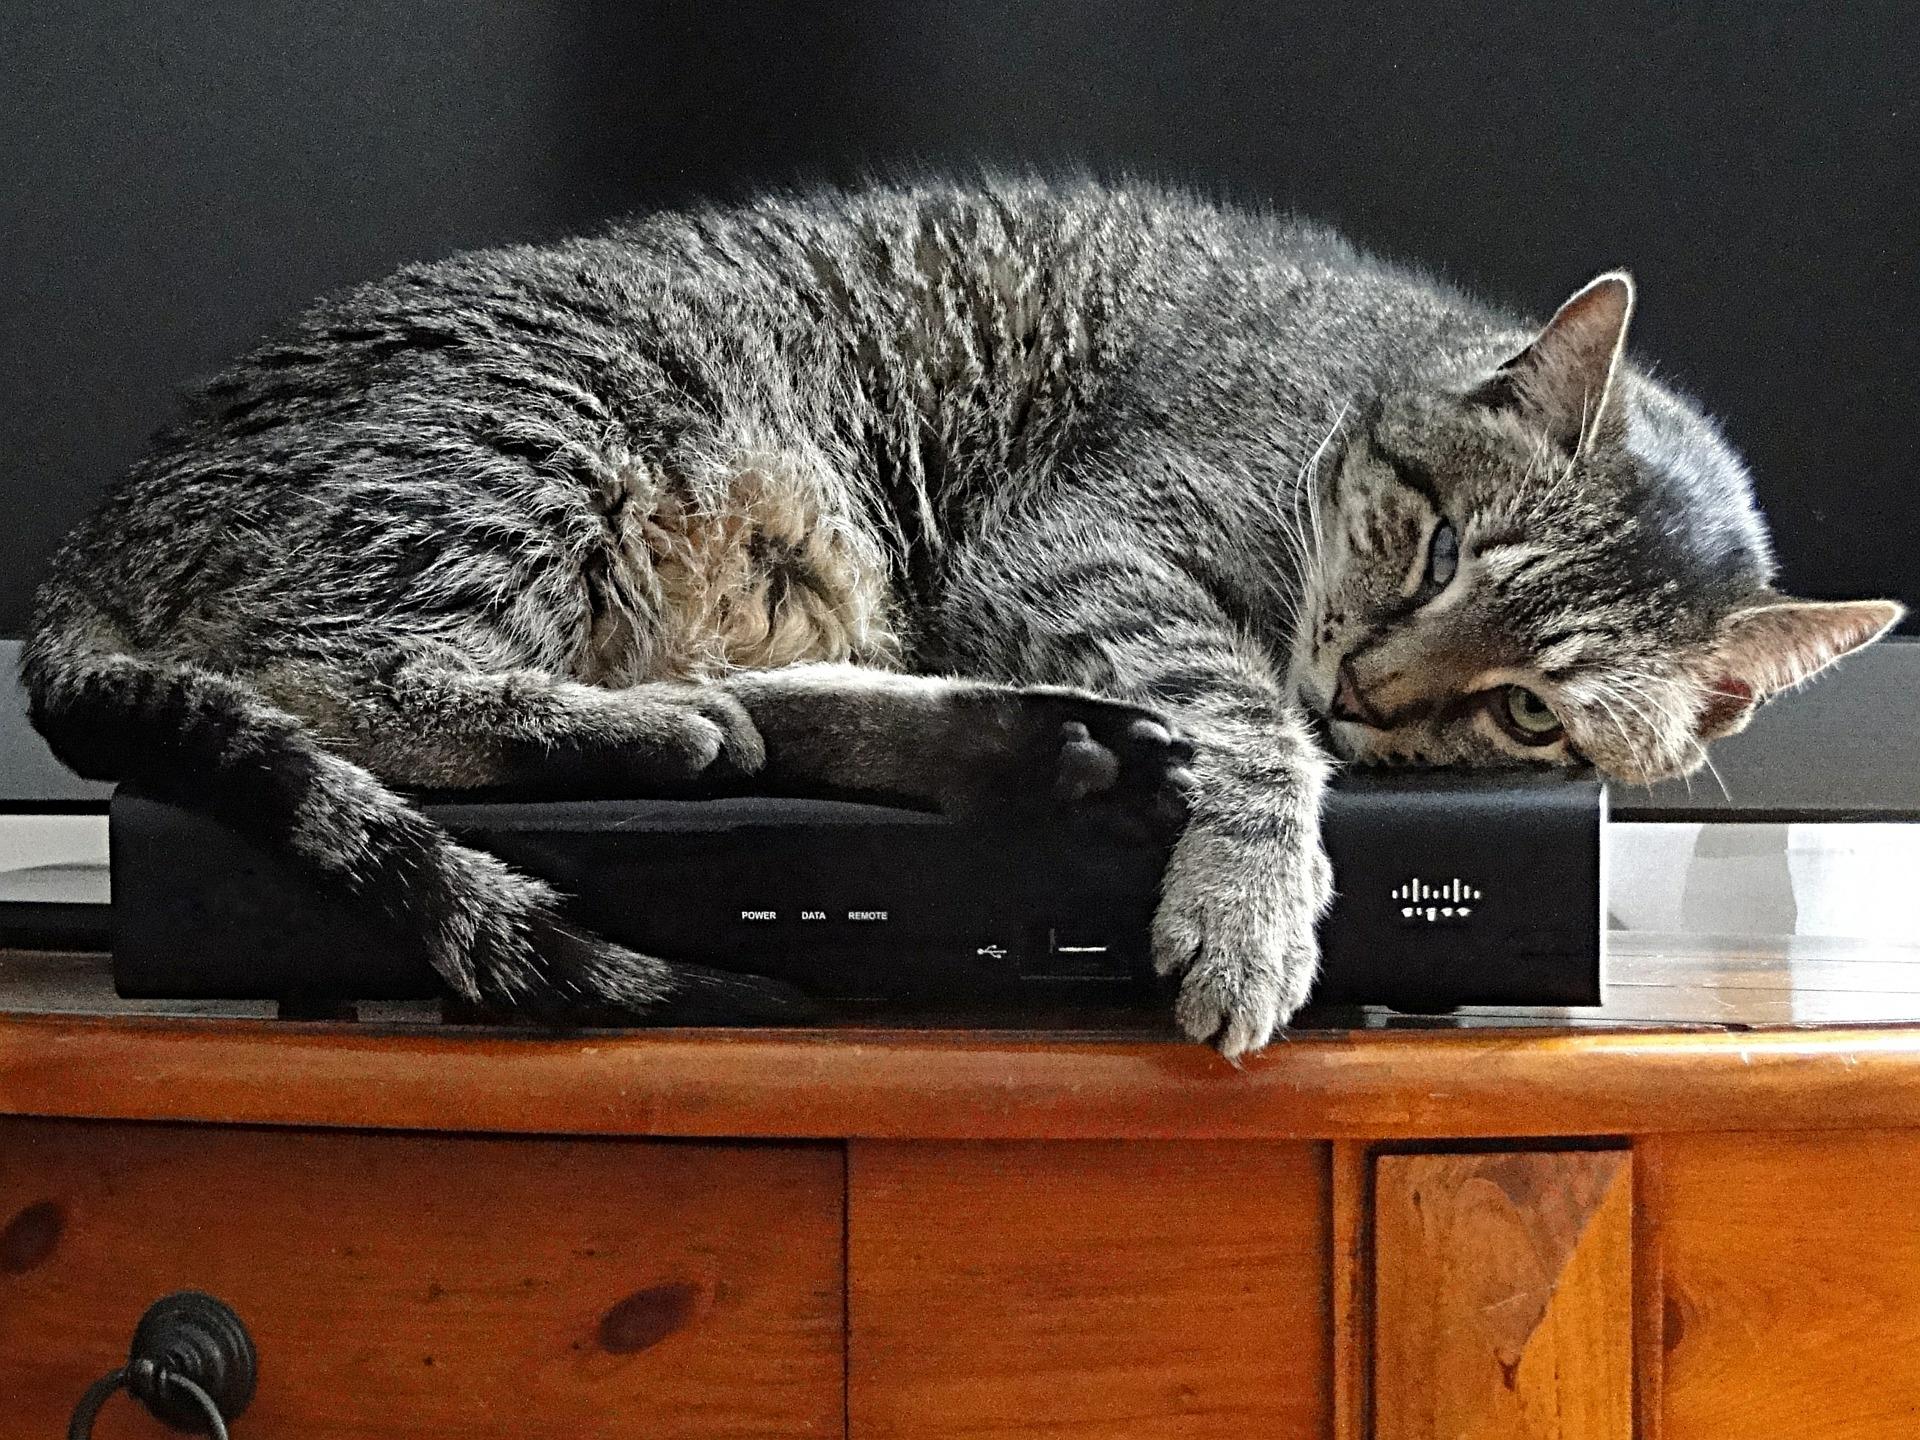 Chowanie się kota może mieć wiele przyczyn, również tych o podłożu chorobowym.